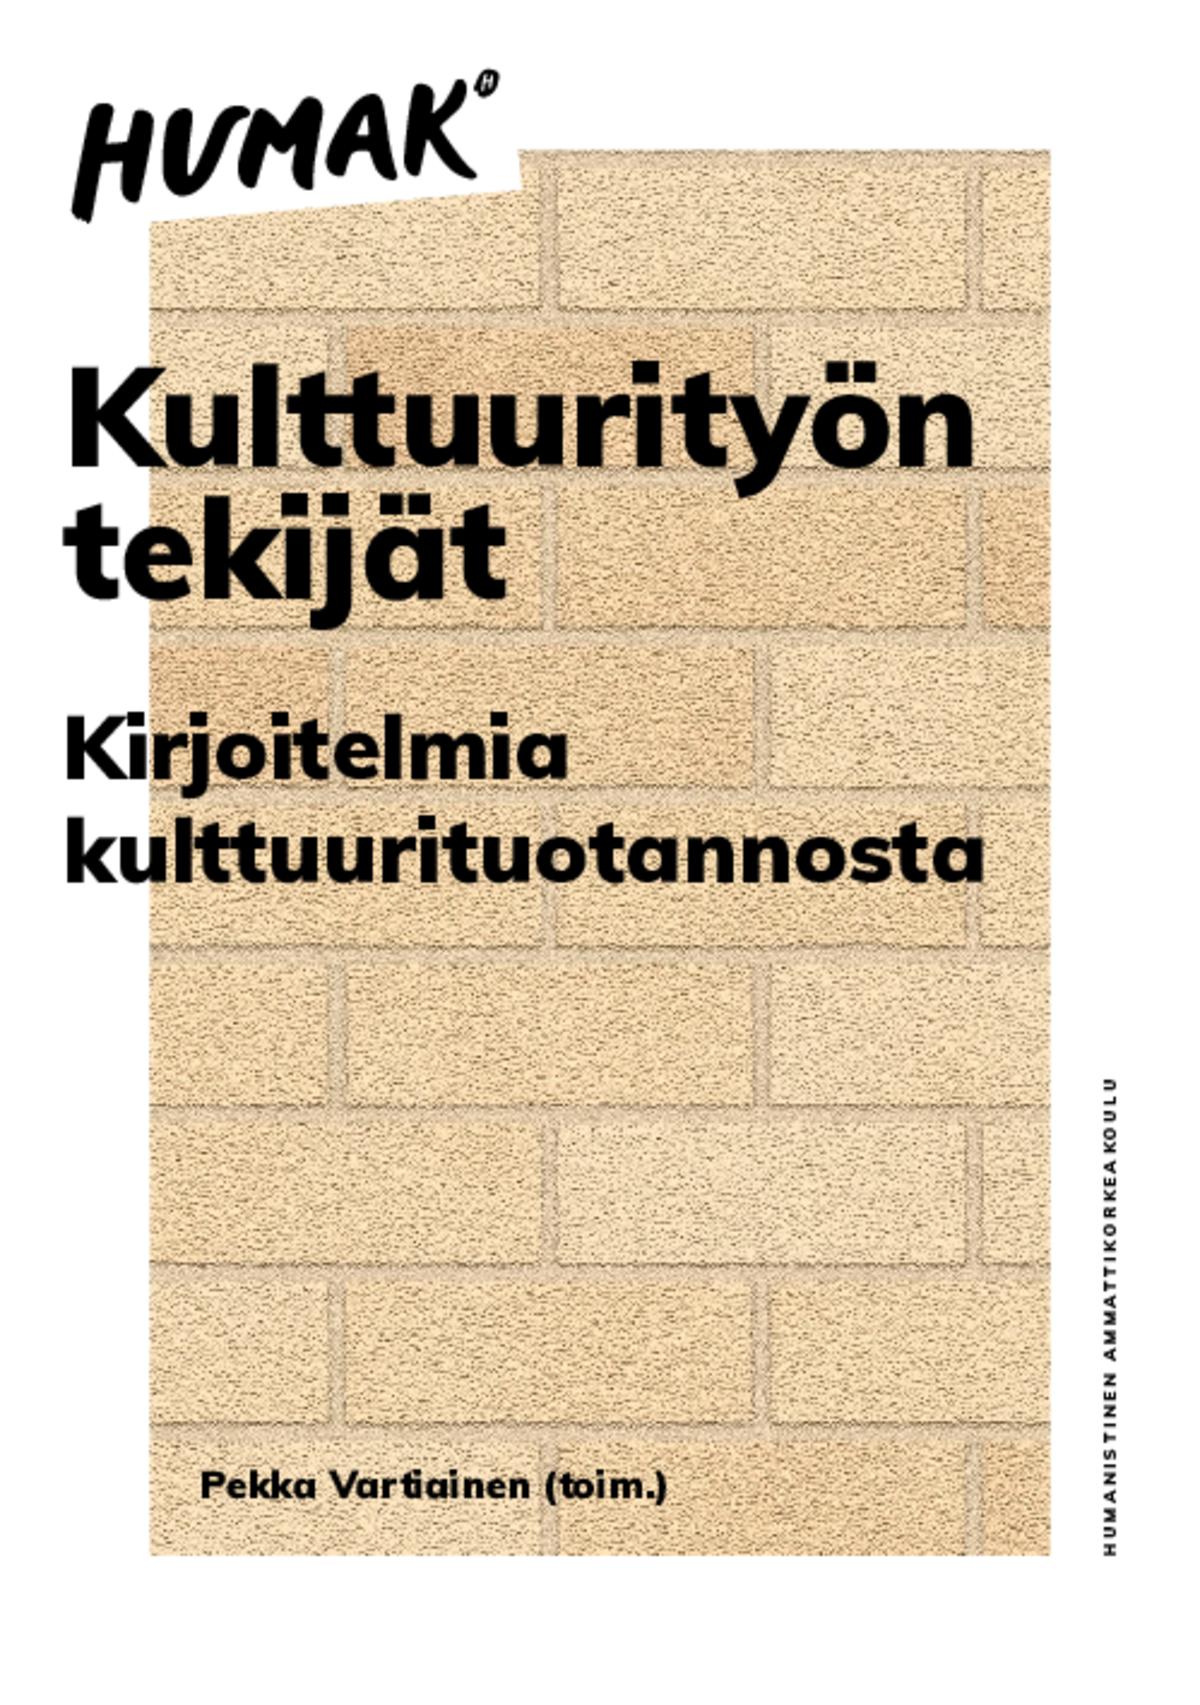 Pekka Vartiainen (toim.) Kulttuurityön tekijät  – Kirjoitelmia kulttuurituotannosta